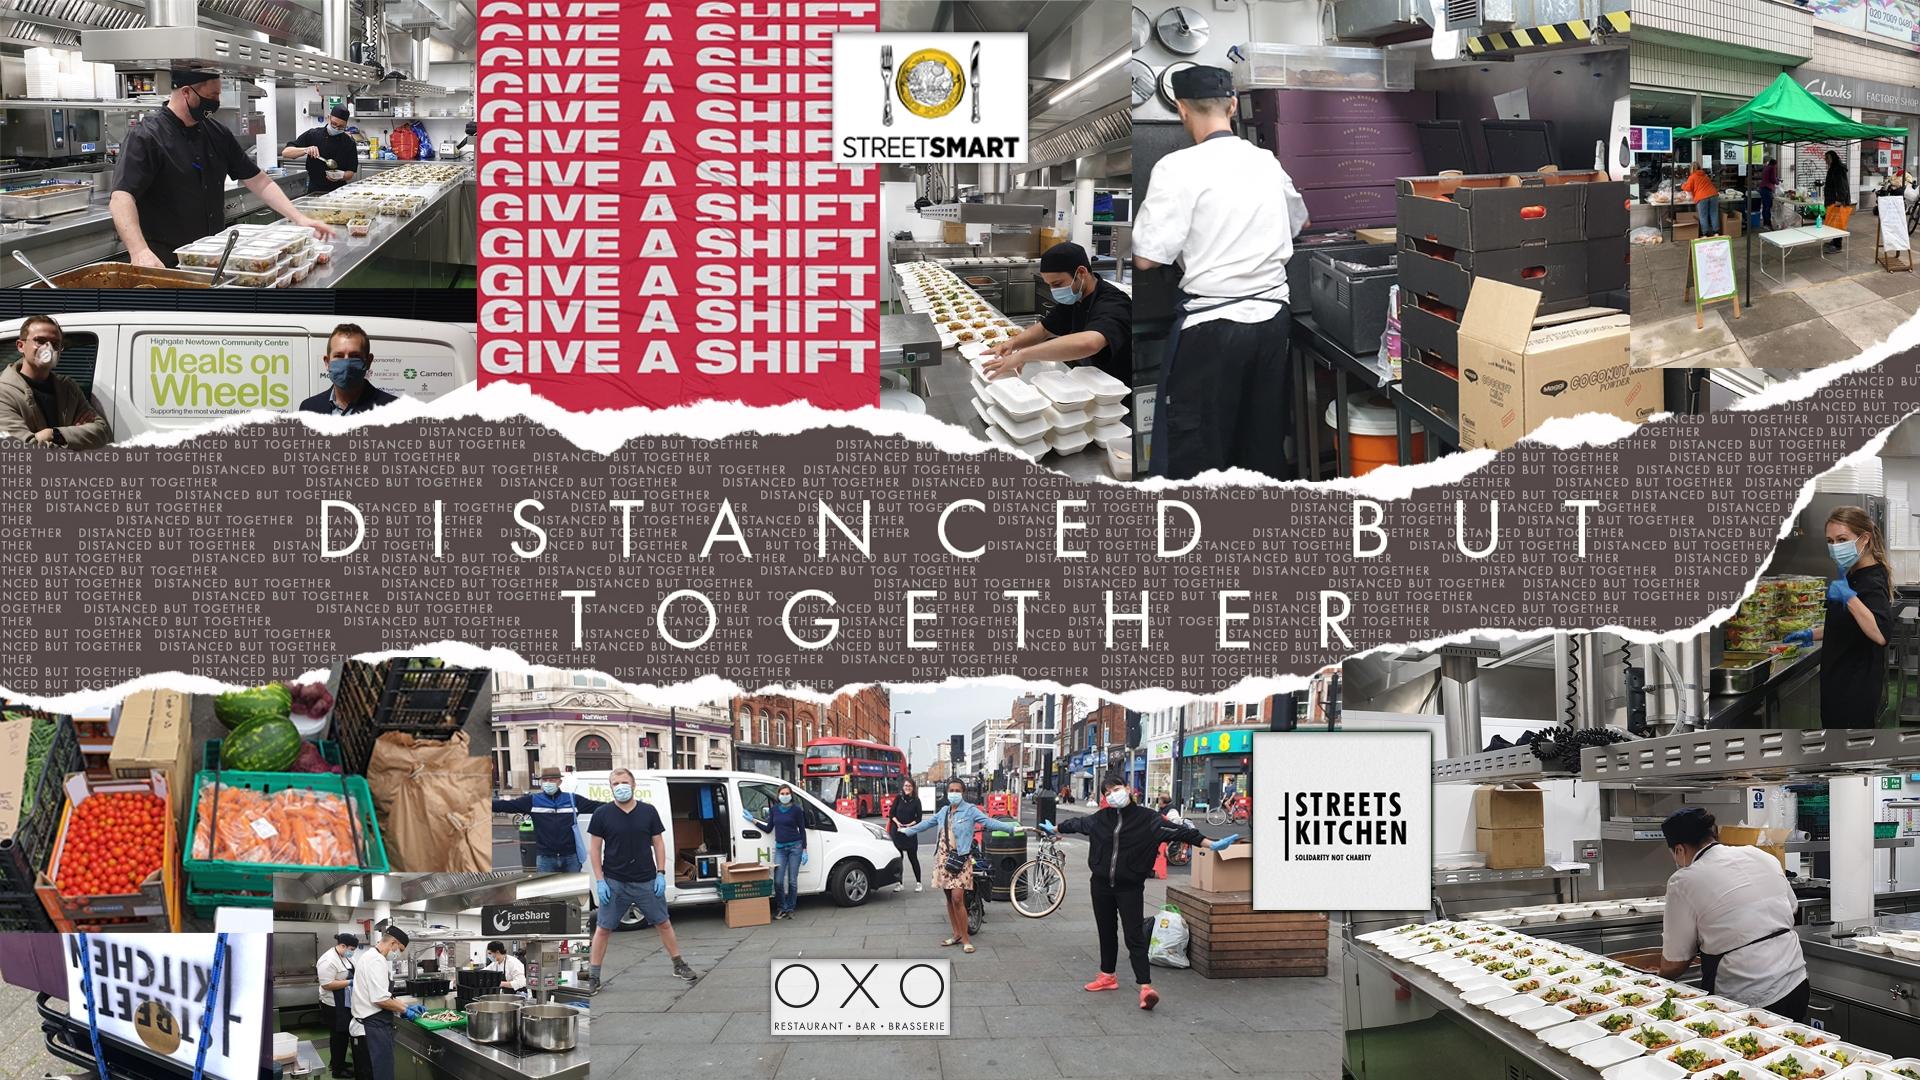 The OXO Community kitchen returns